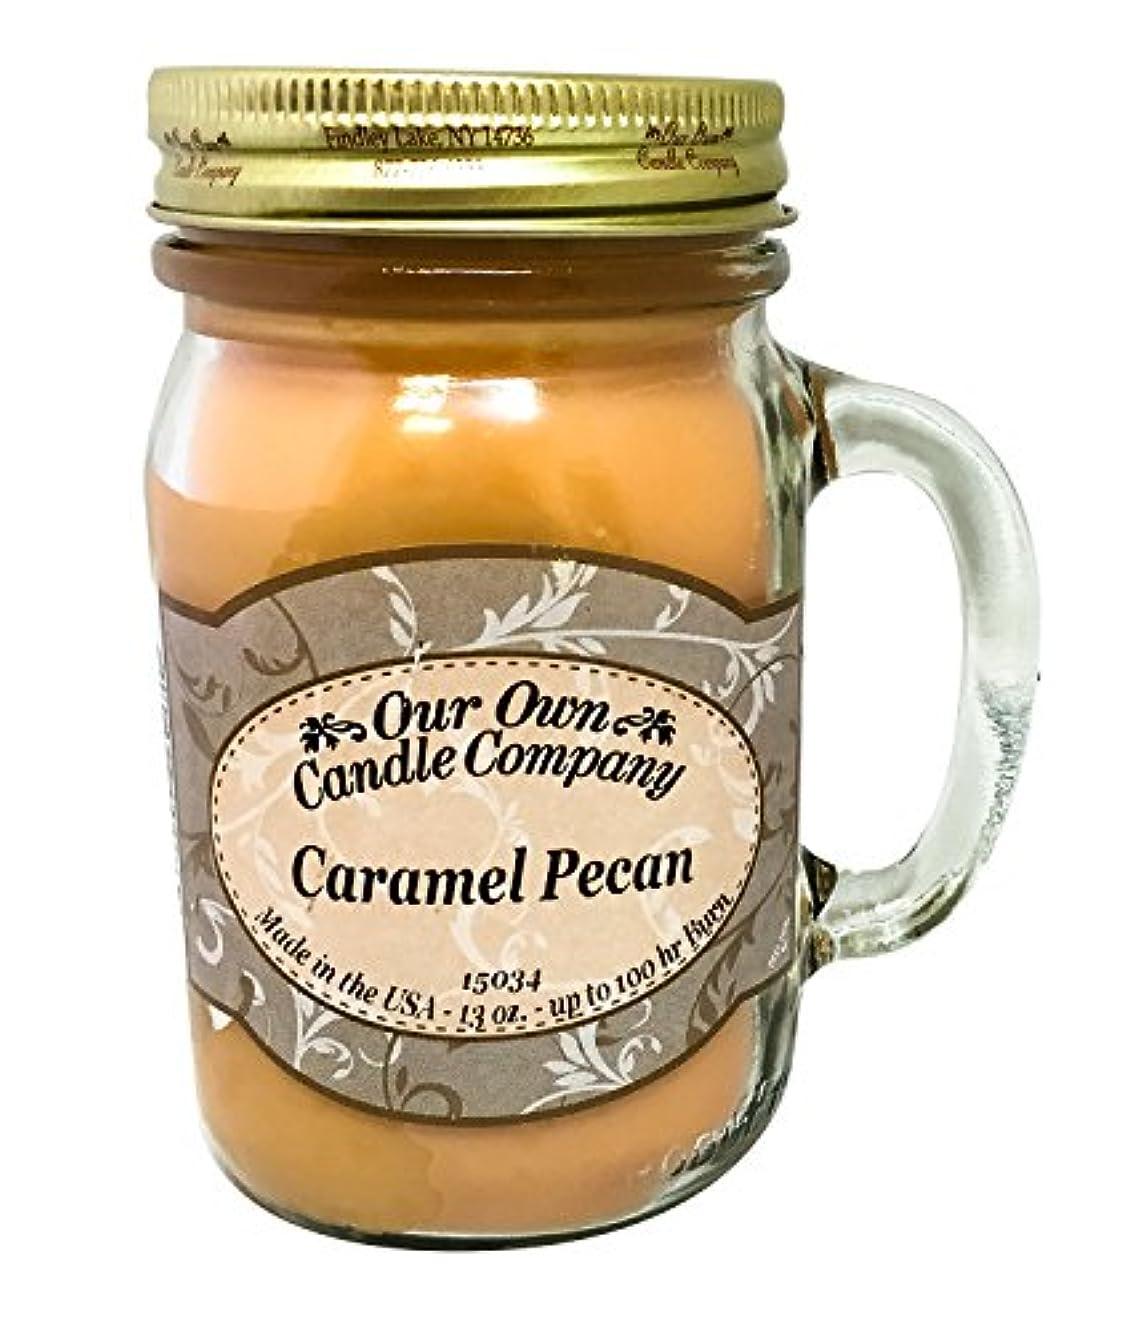 紛争幻滅する治すアロマキャンドル メイソンジャー キャラメルピーカン ビッグ Our Own Candle Company Caramel Pecan big